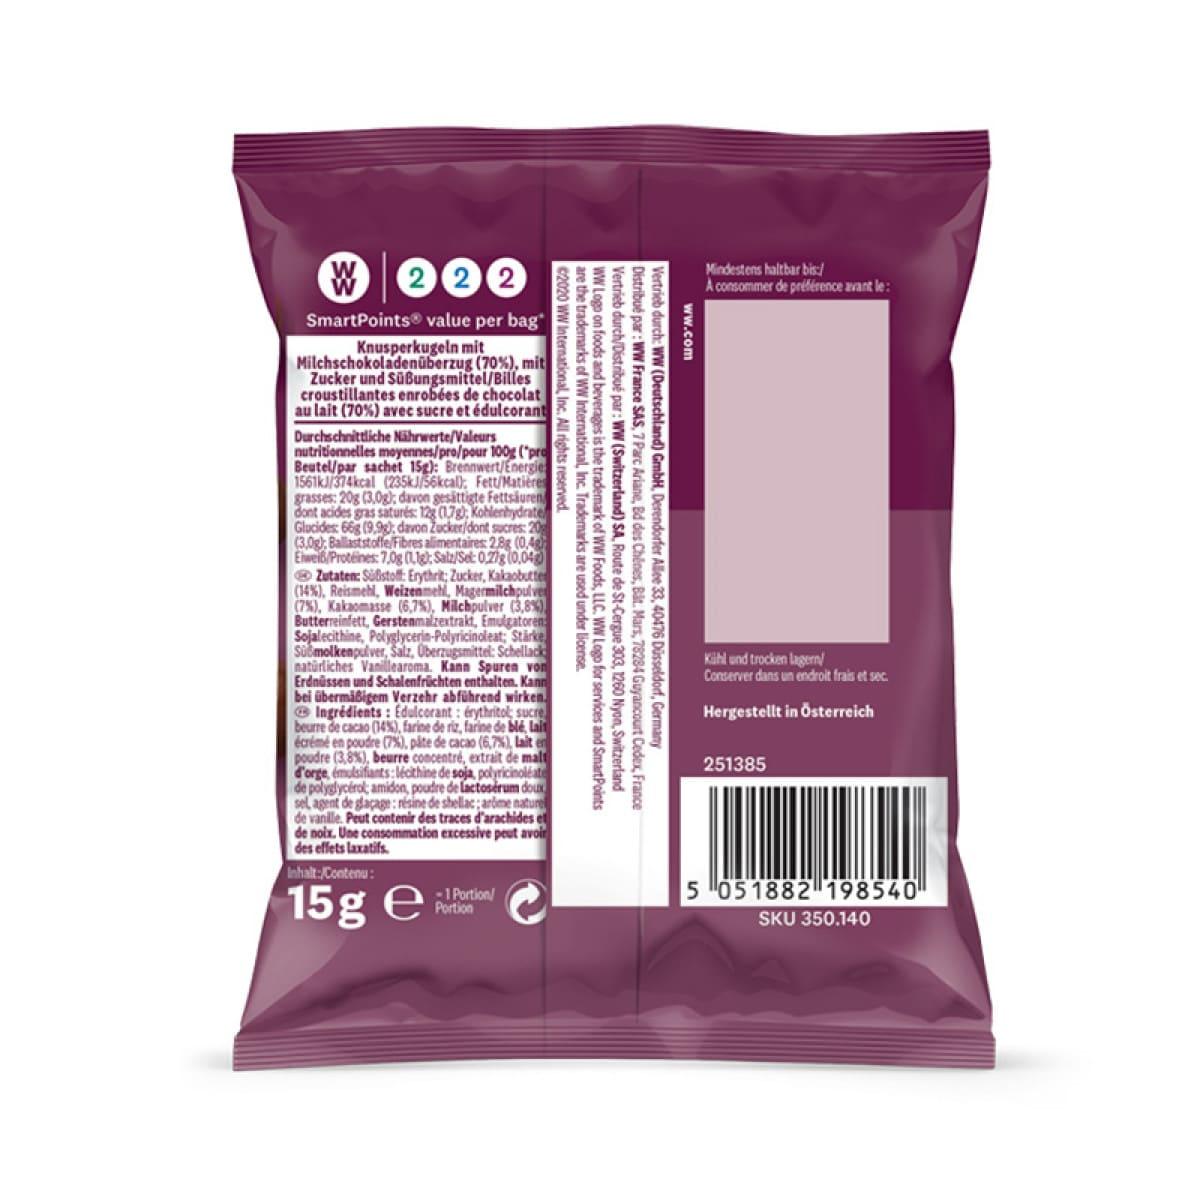 WW Knusperkugeln mit Schokolade 2